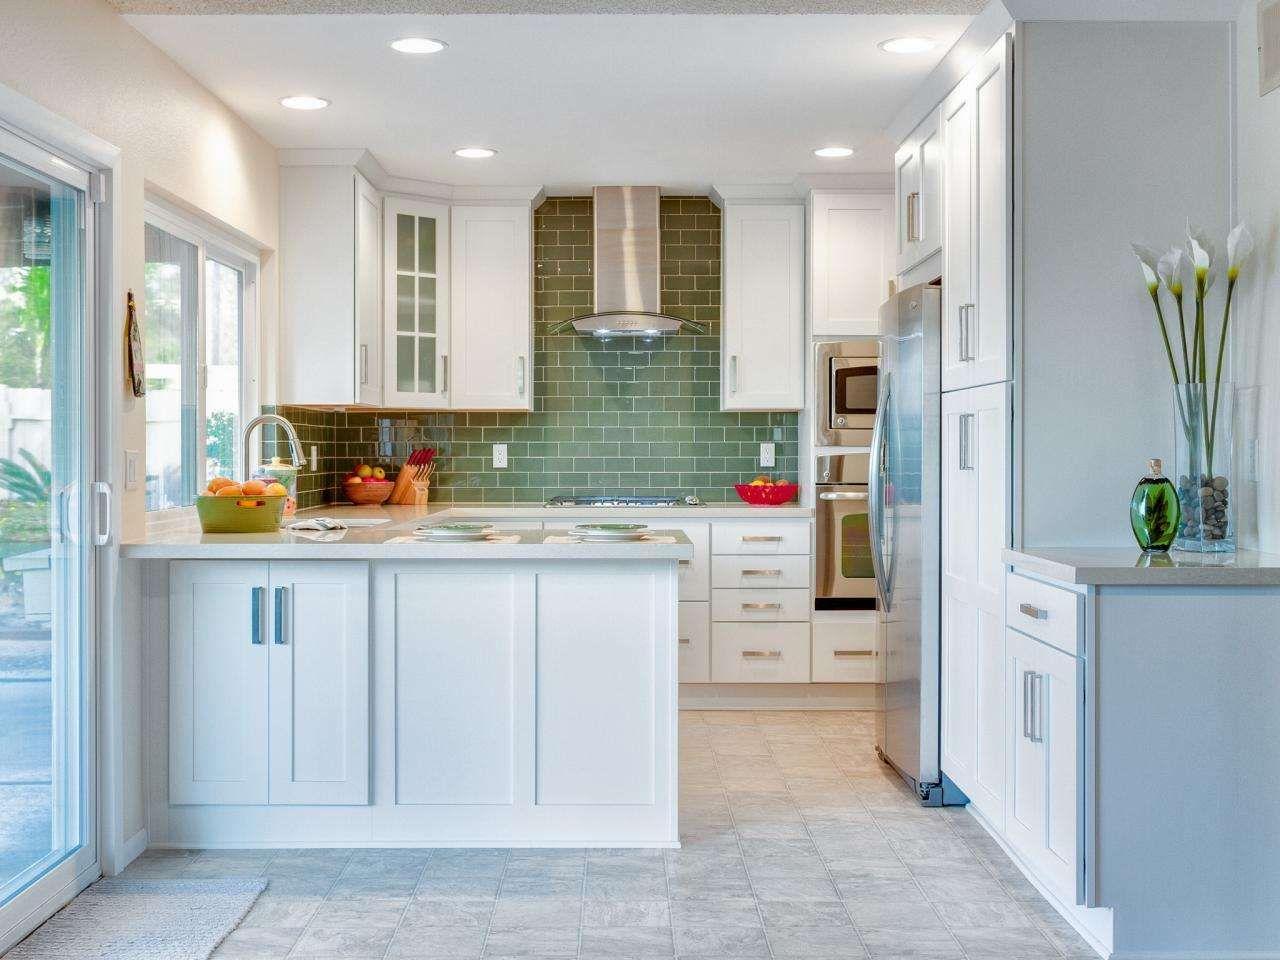 tout est tr s blanc dans cette cuisine si bien que papa et maman noteront toute salet. Black Bedroom Furniture Sets. Home Design Ideas